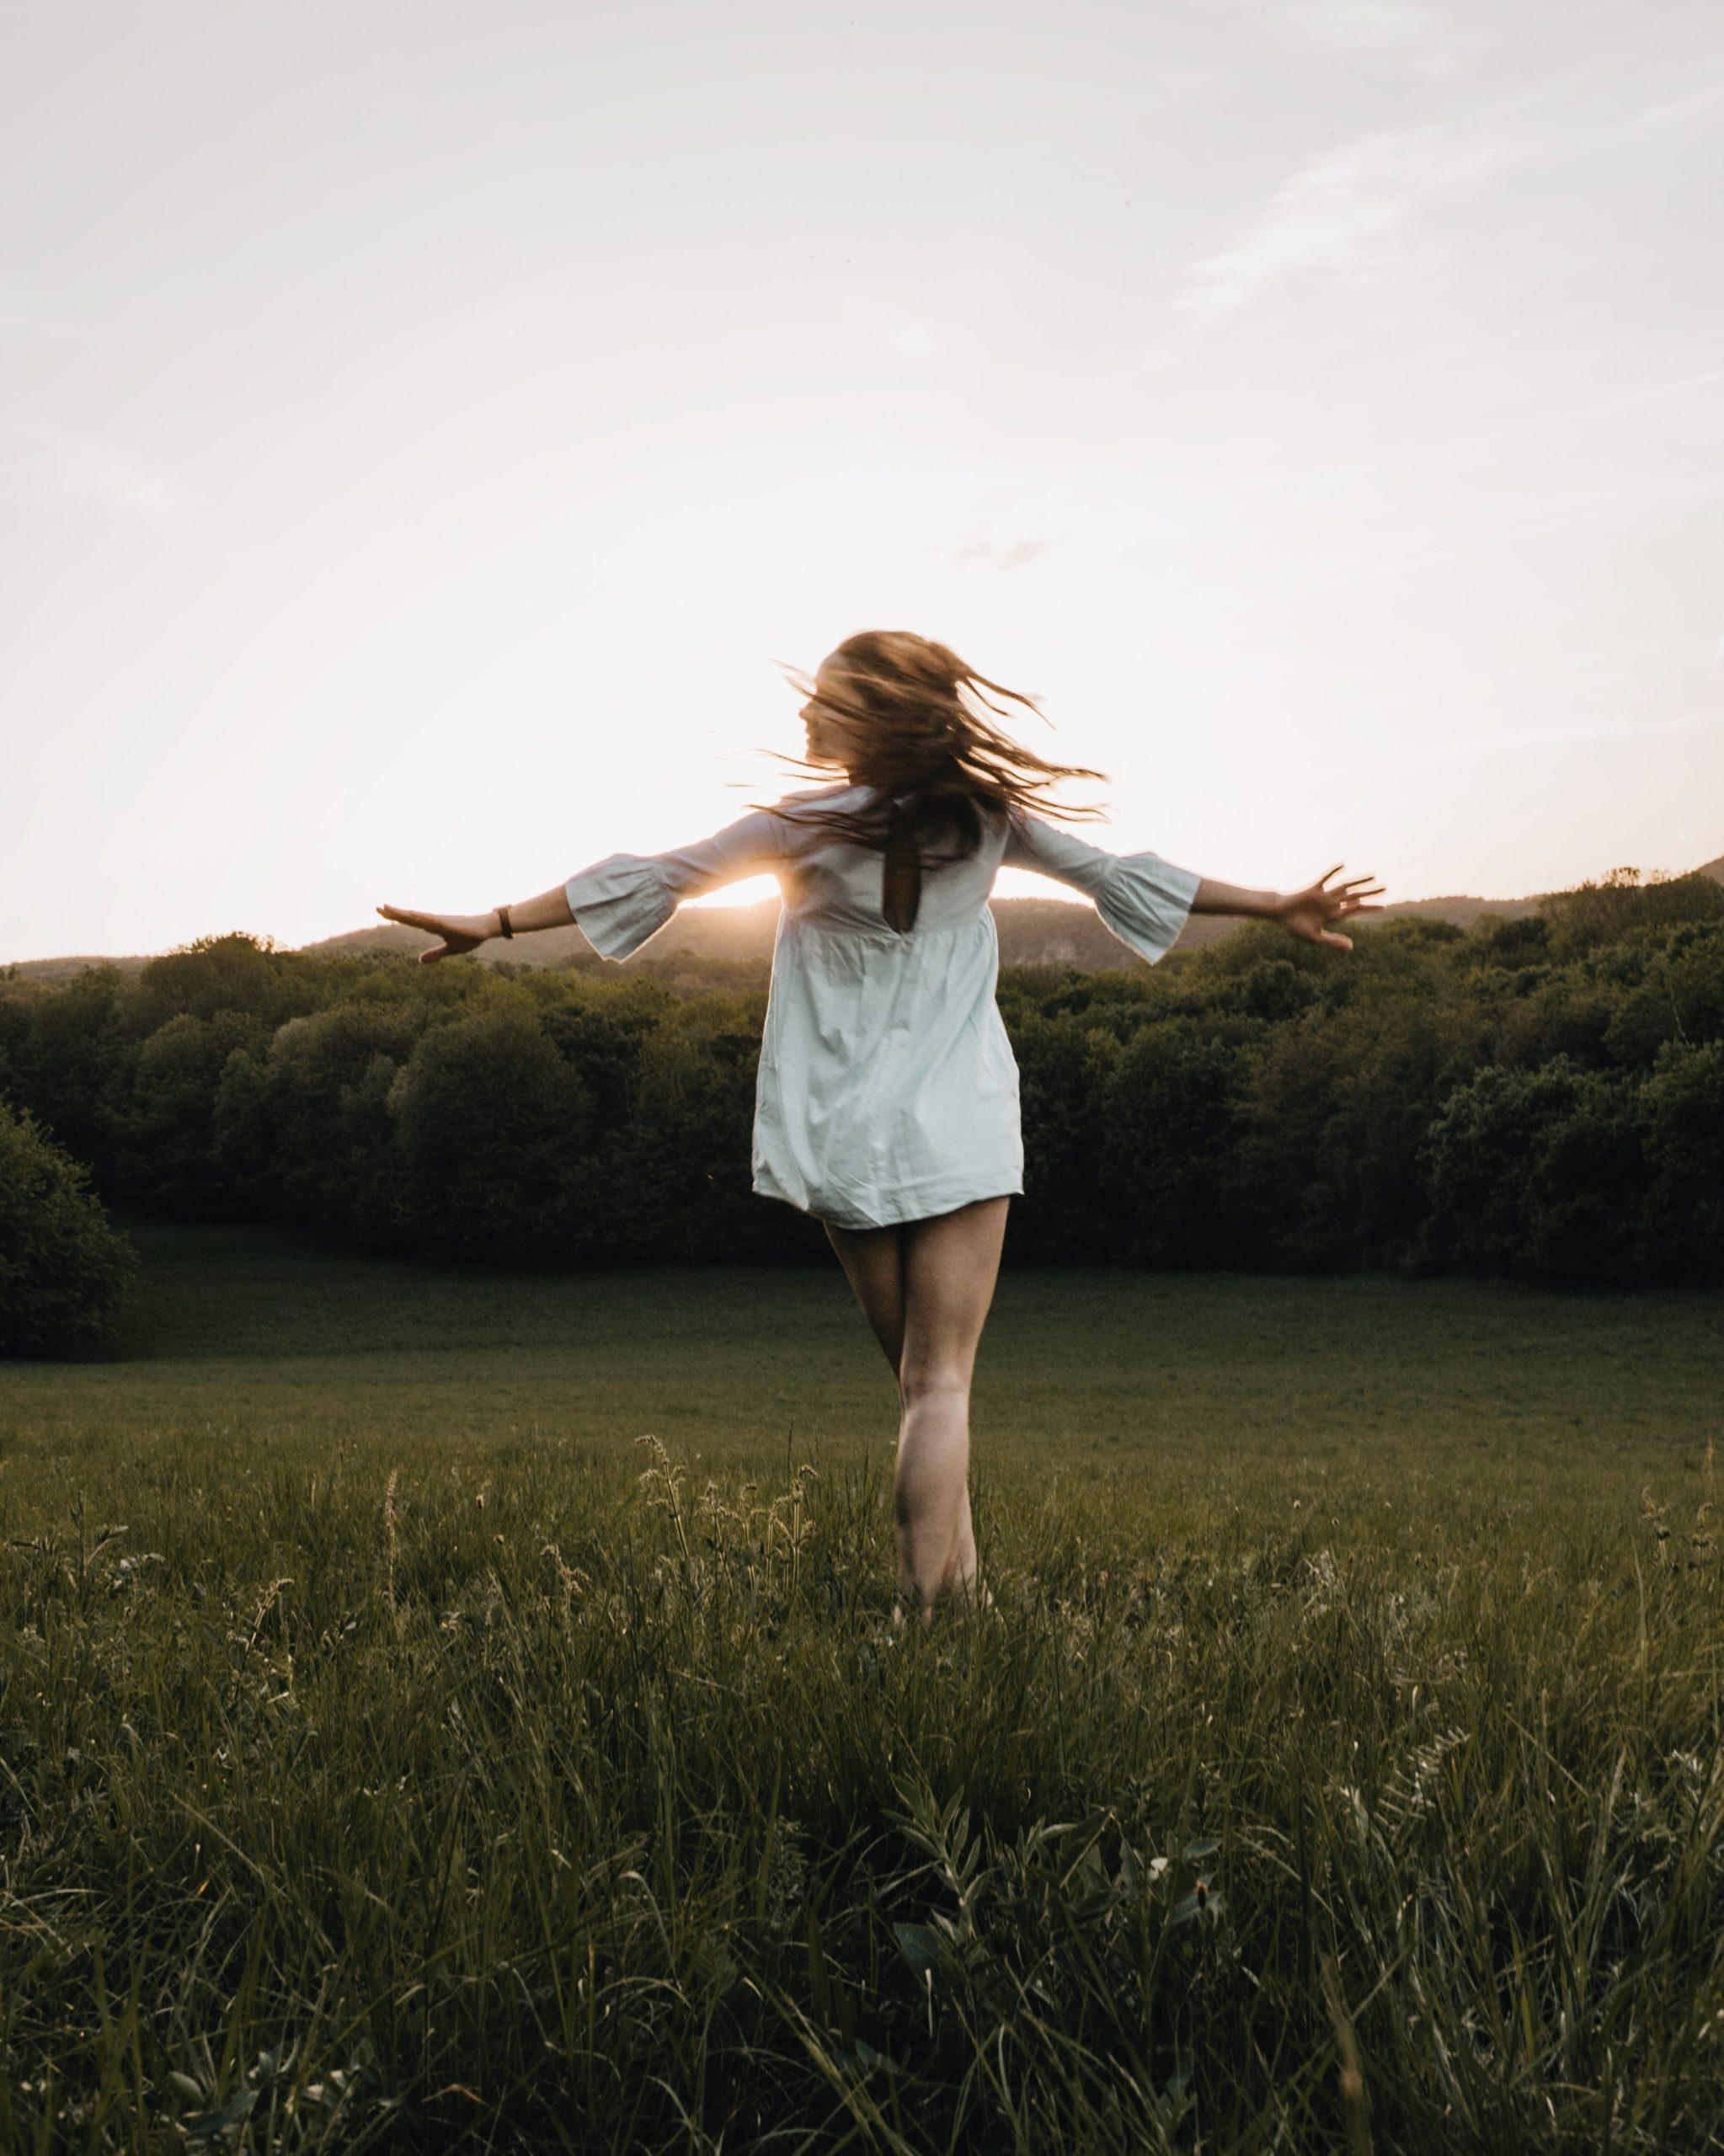 uma mulher se sentindo livre e desapegada